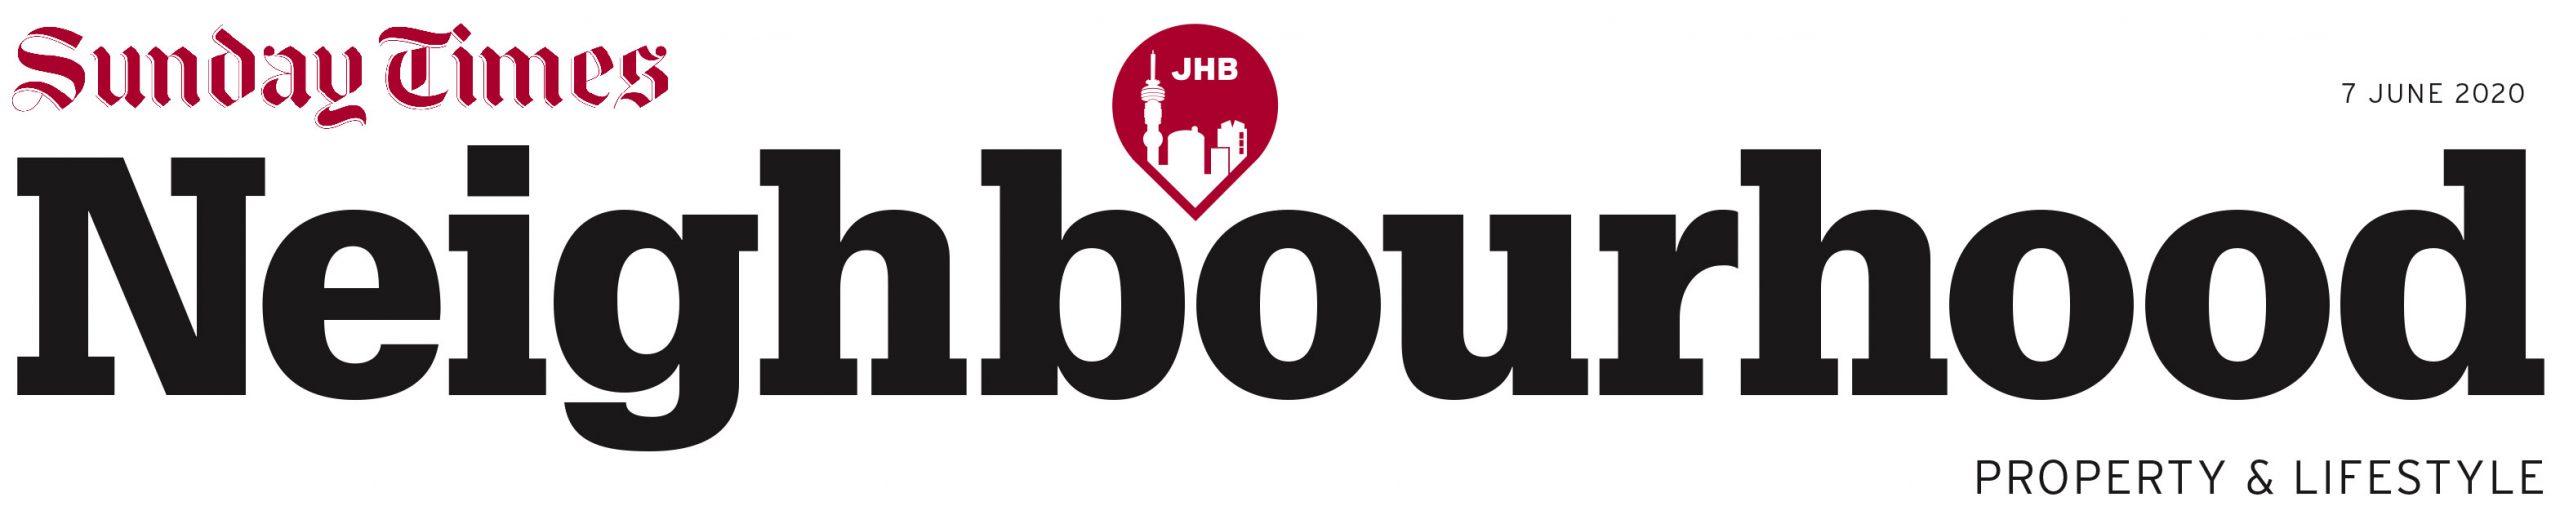 logo-_7-june